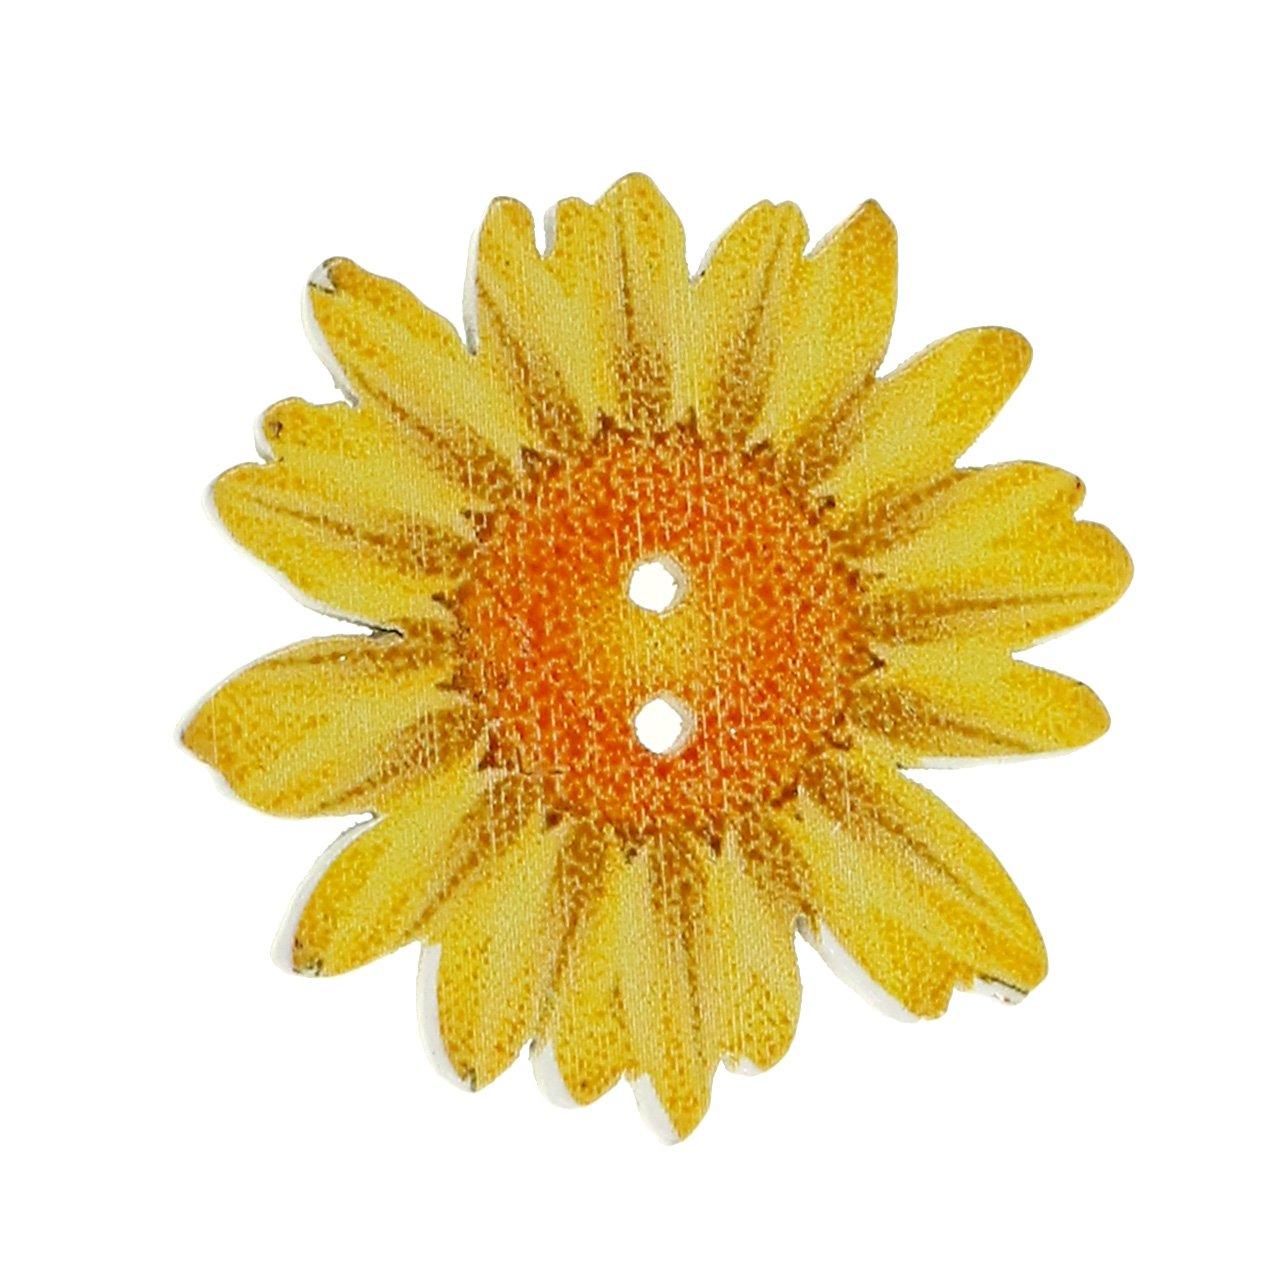 Bloemen als knoppen gemaakt van hout Ø3,5cm gesorteerd 90p